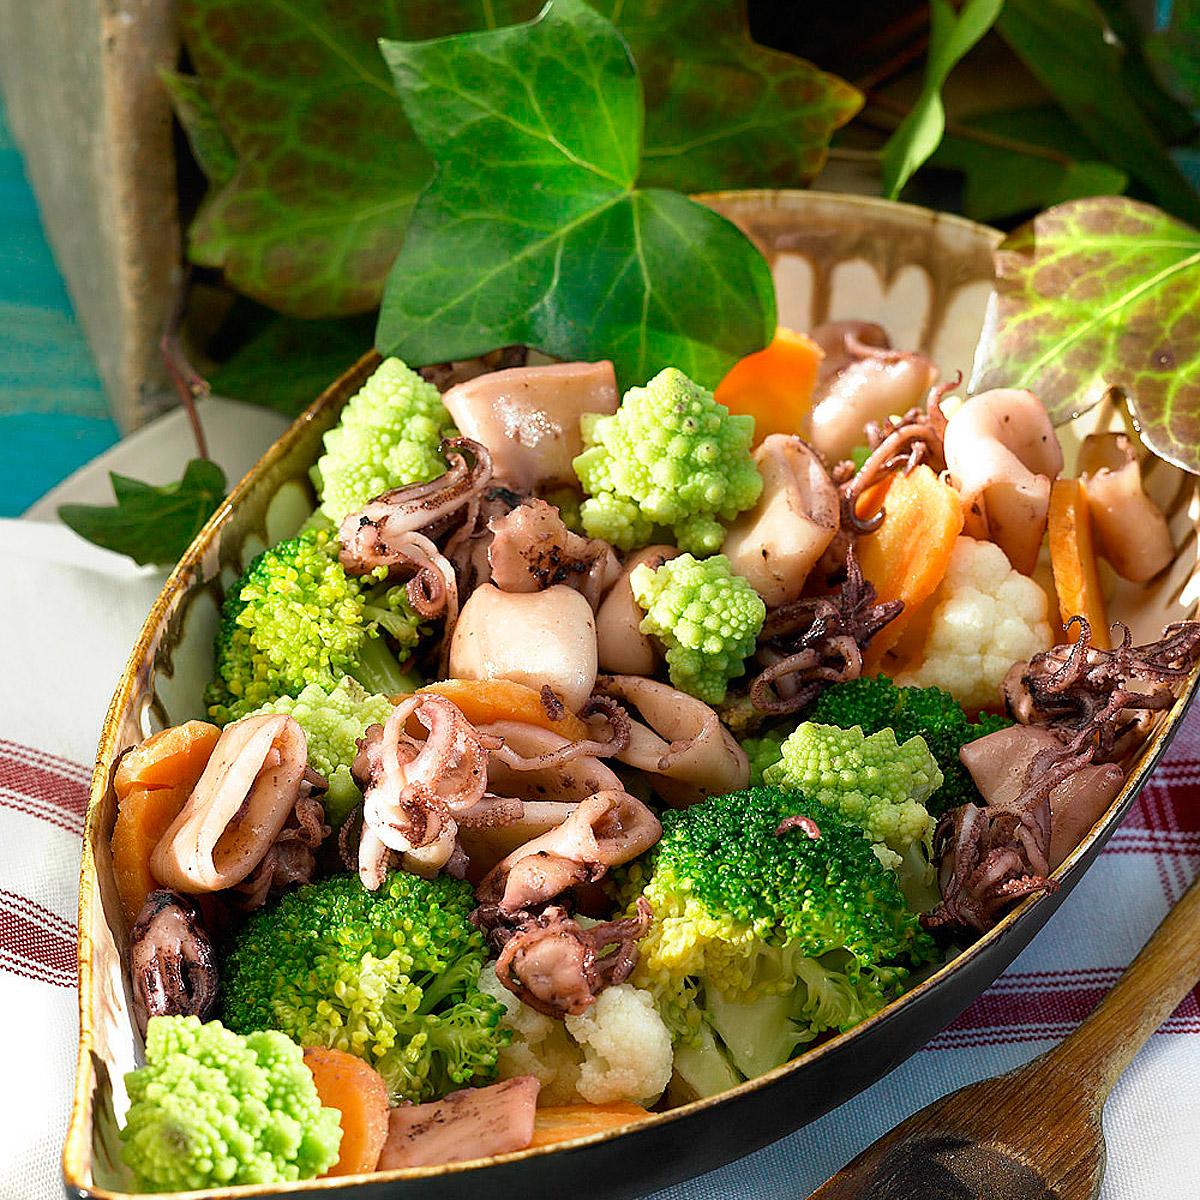 Puntillas con verduras Escuela de cocina telva